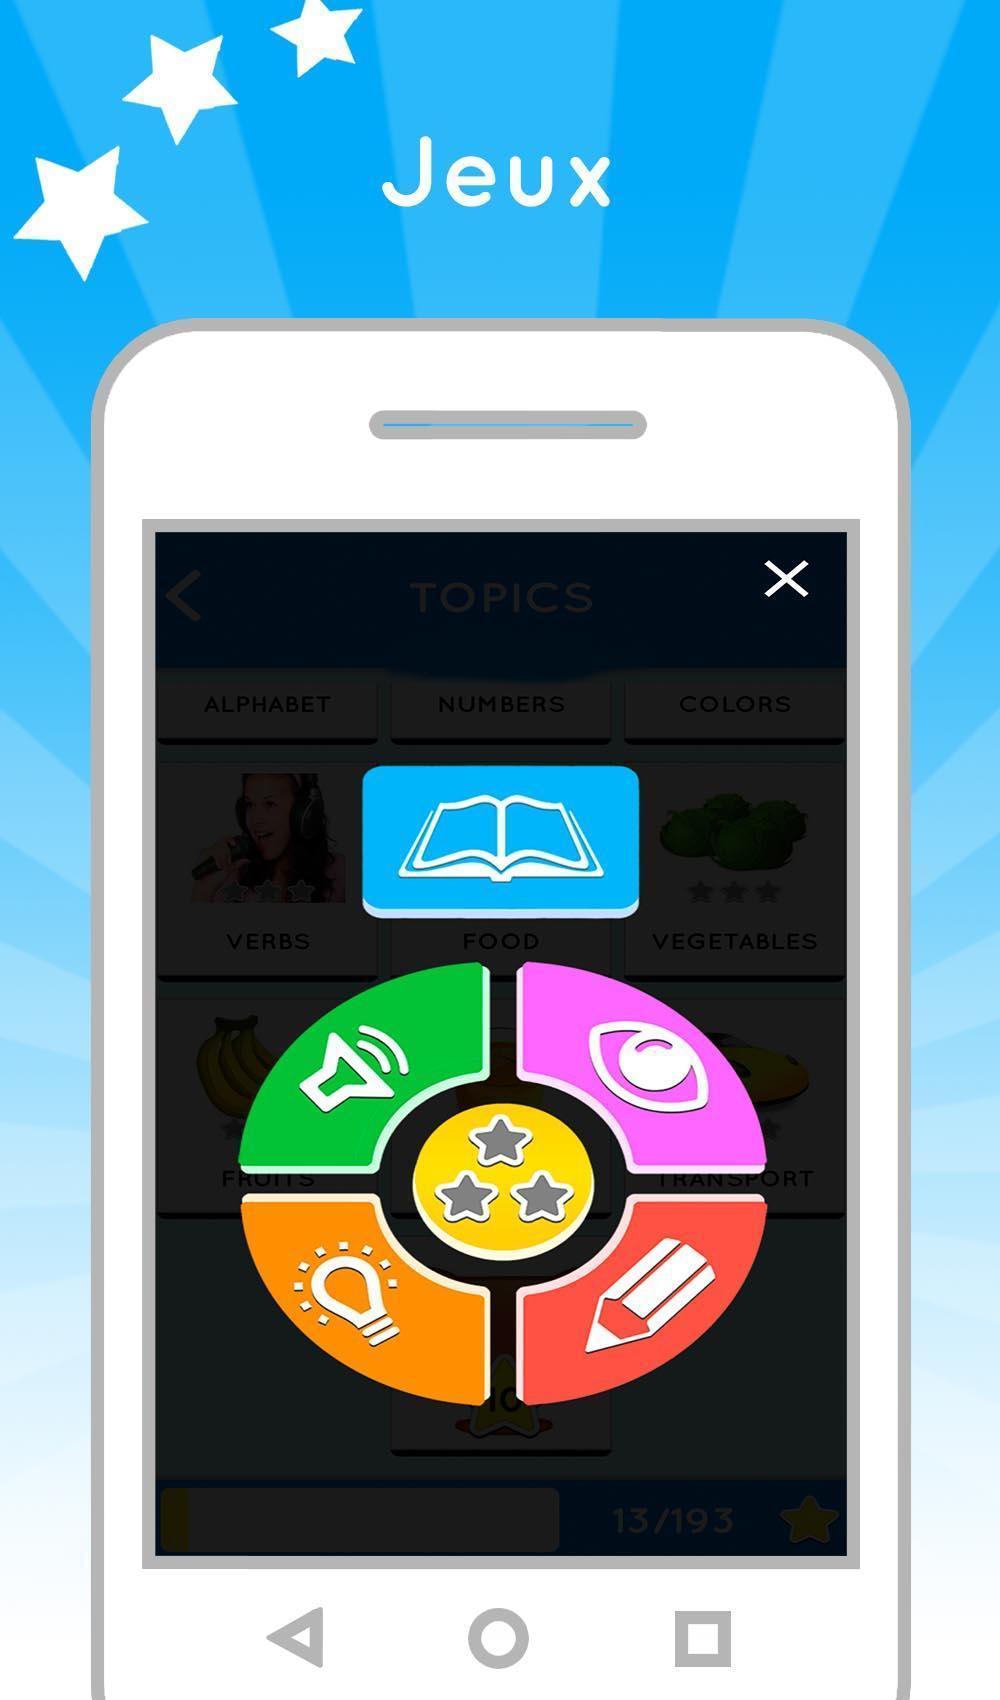 Apprendre Anglais Gratuit Pour Les Débutants Pour Android à Jeux Gratuit Anglais